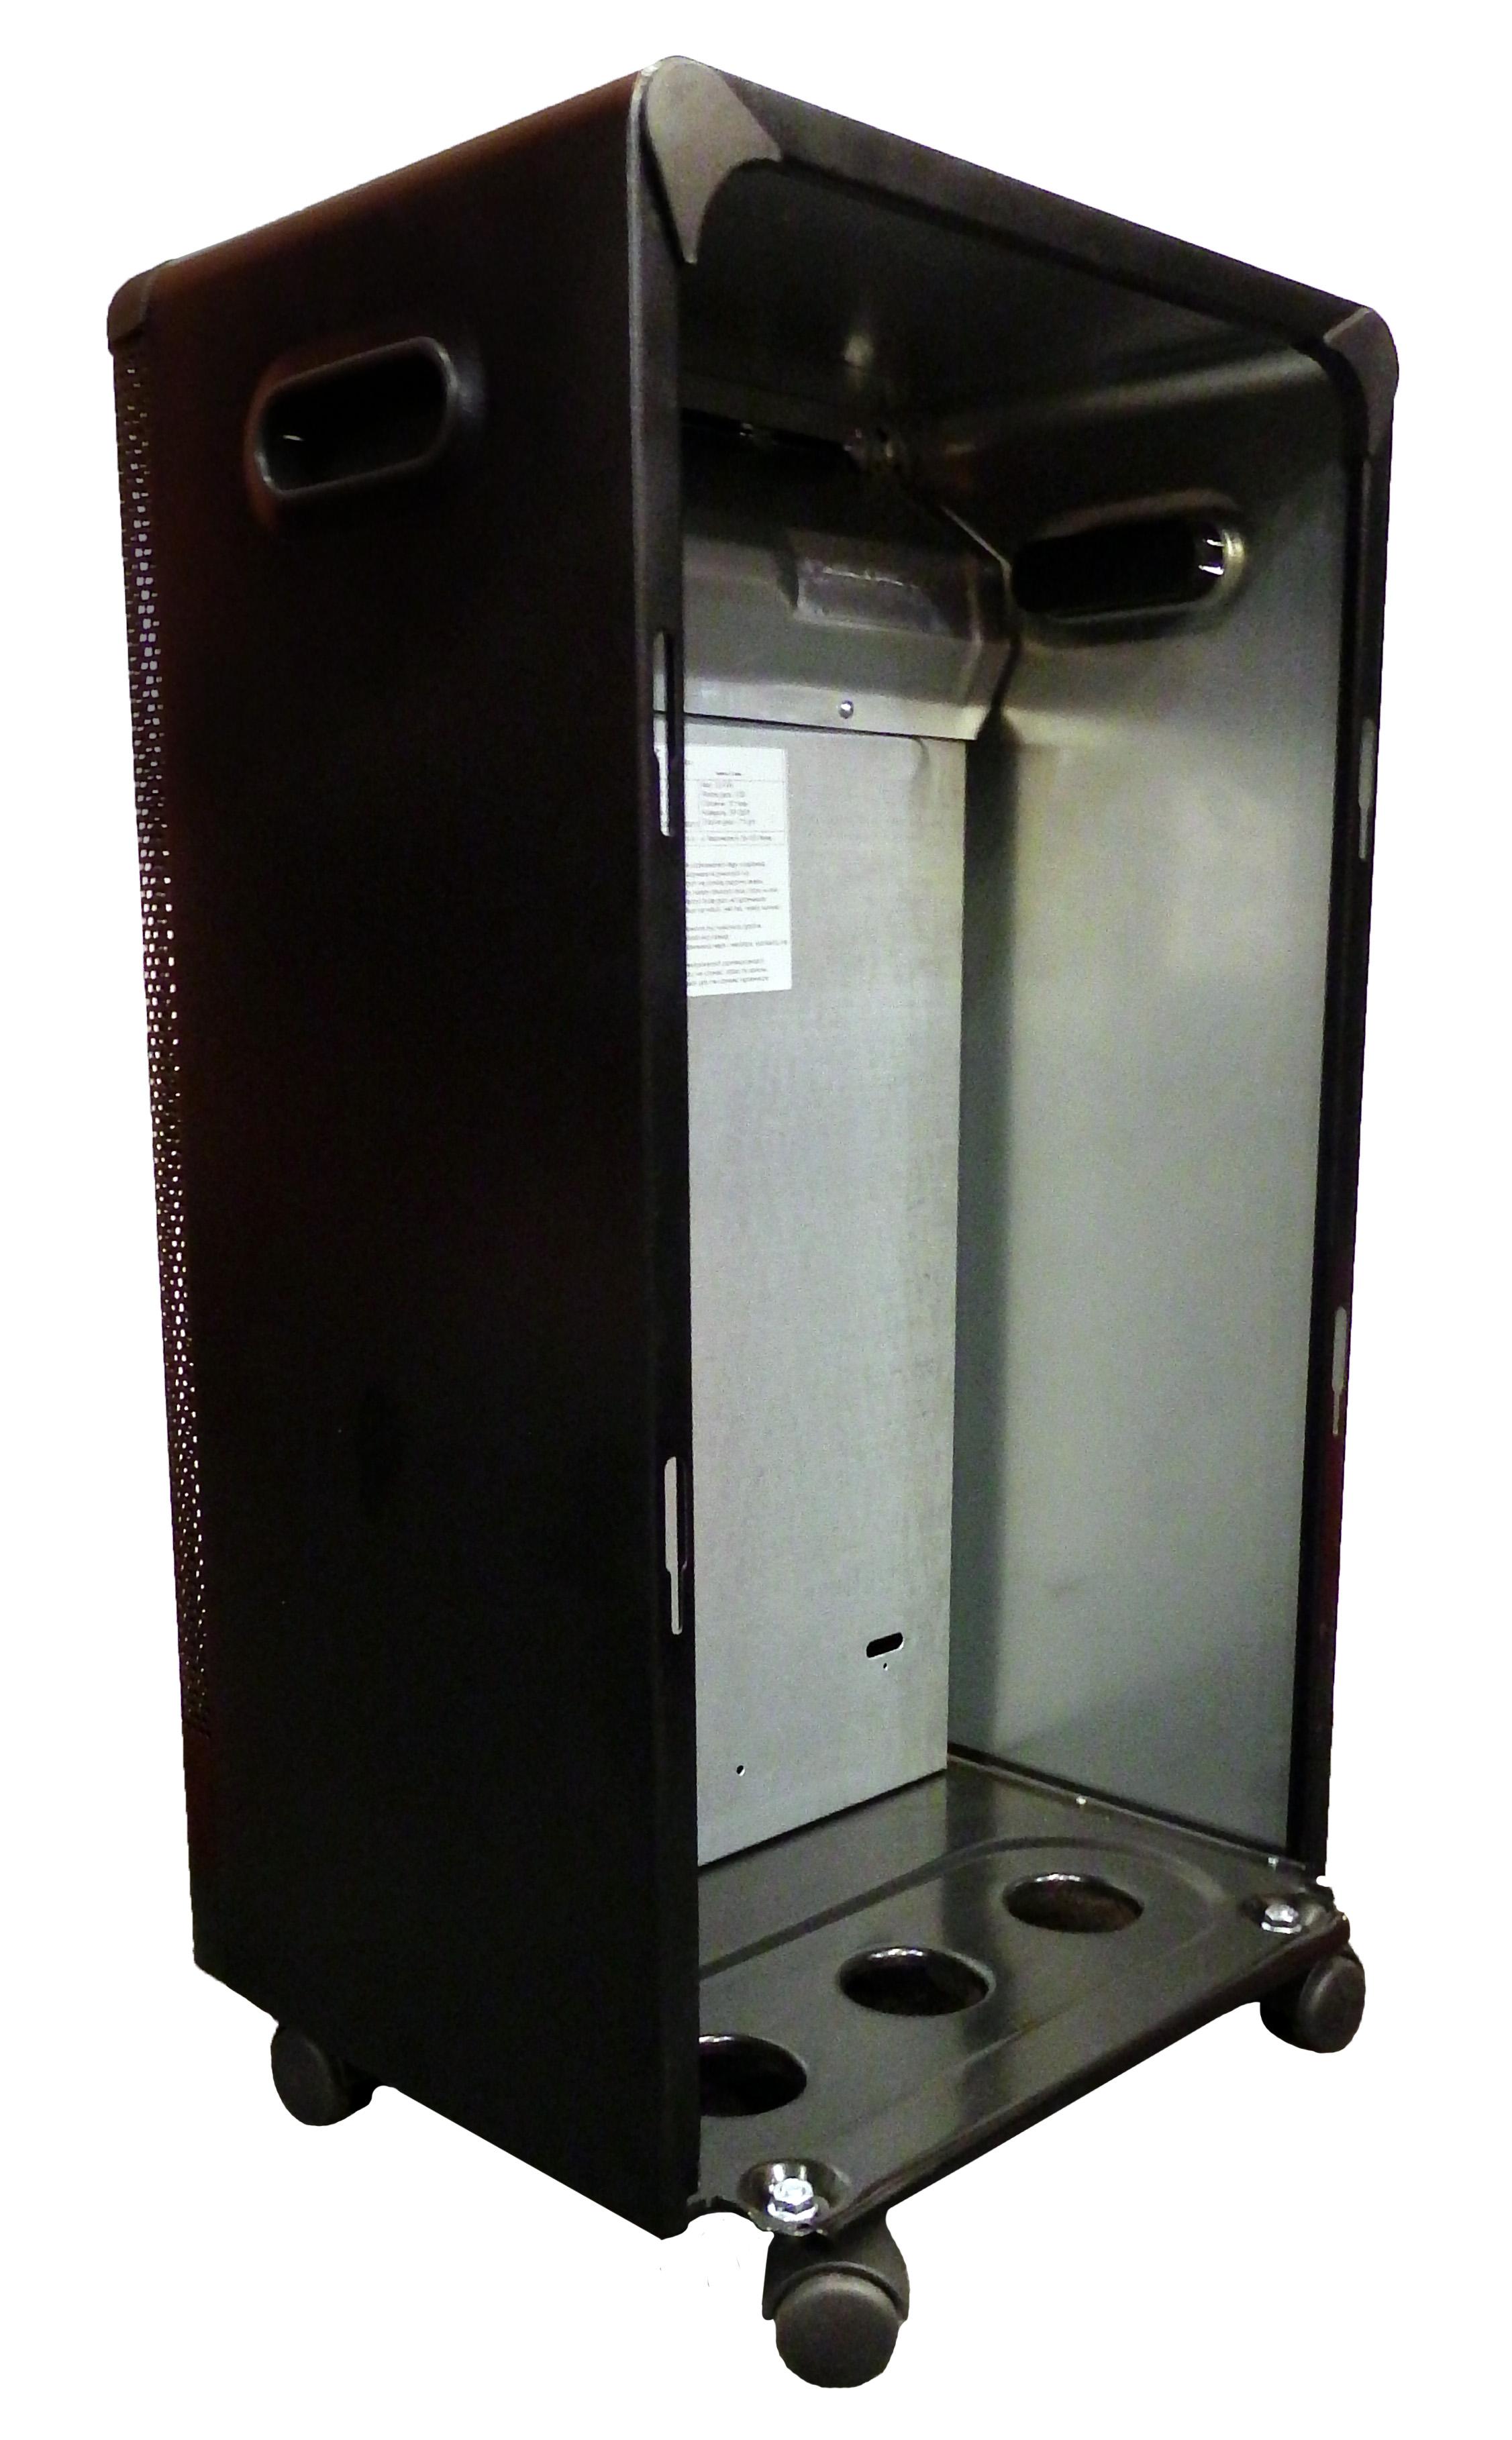 Poważne Piecyk gazowy Ravanson OKG-3100x moc: 2.8kW, z katalizatorem RQ95